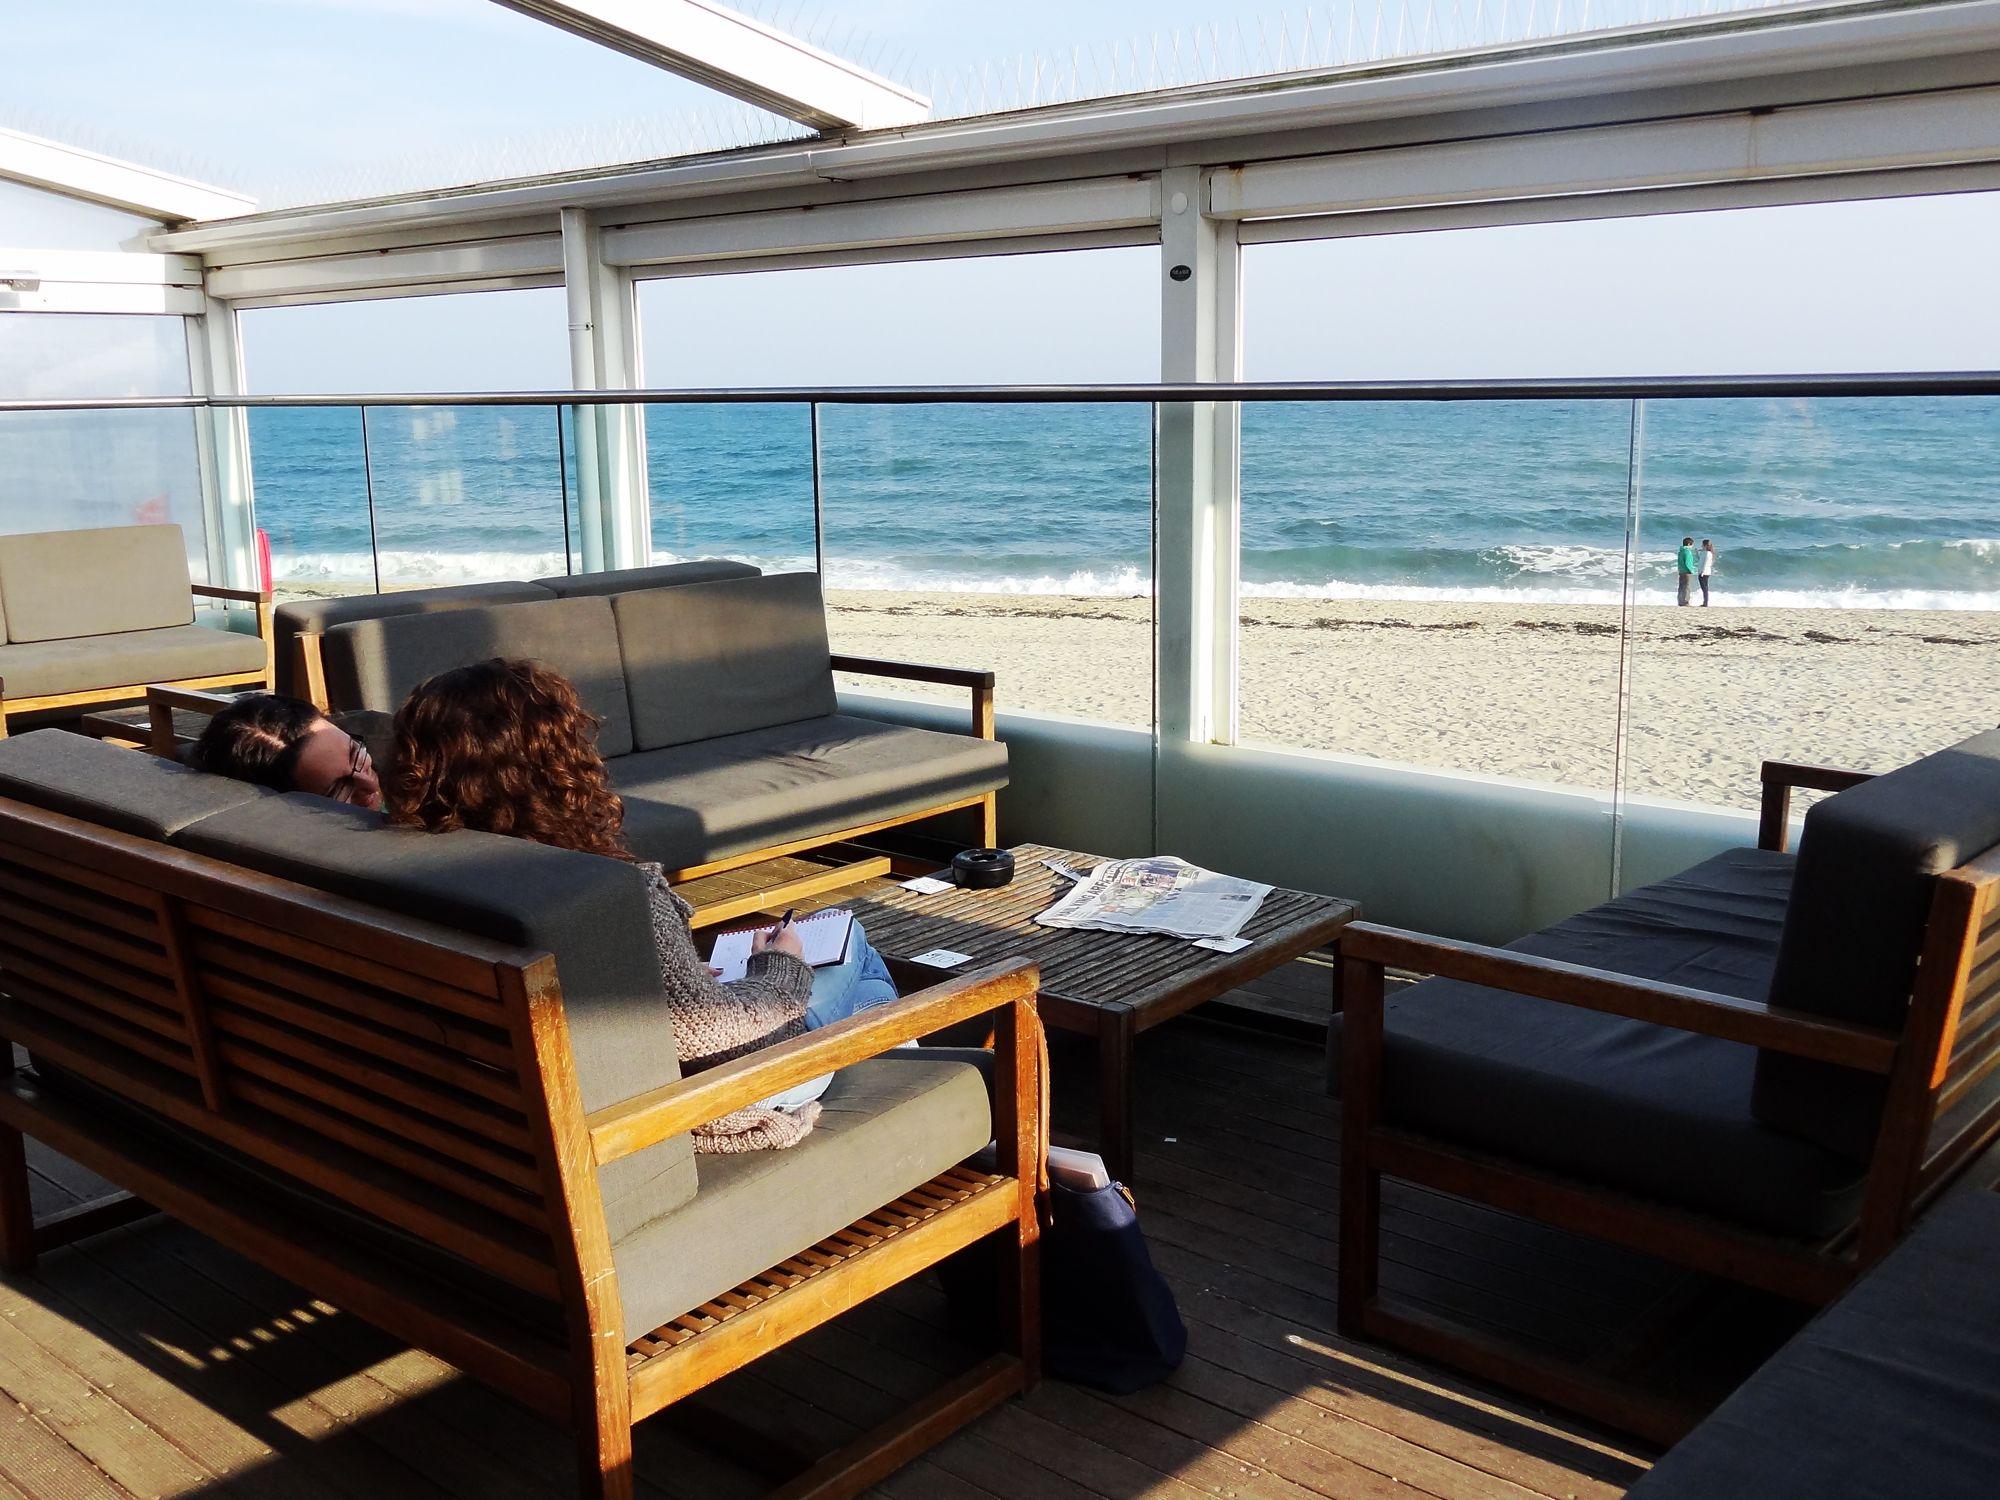 Gylly Beach Café